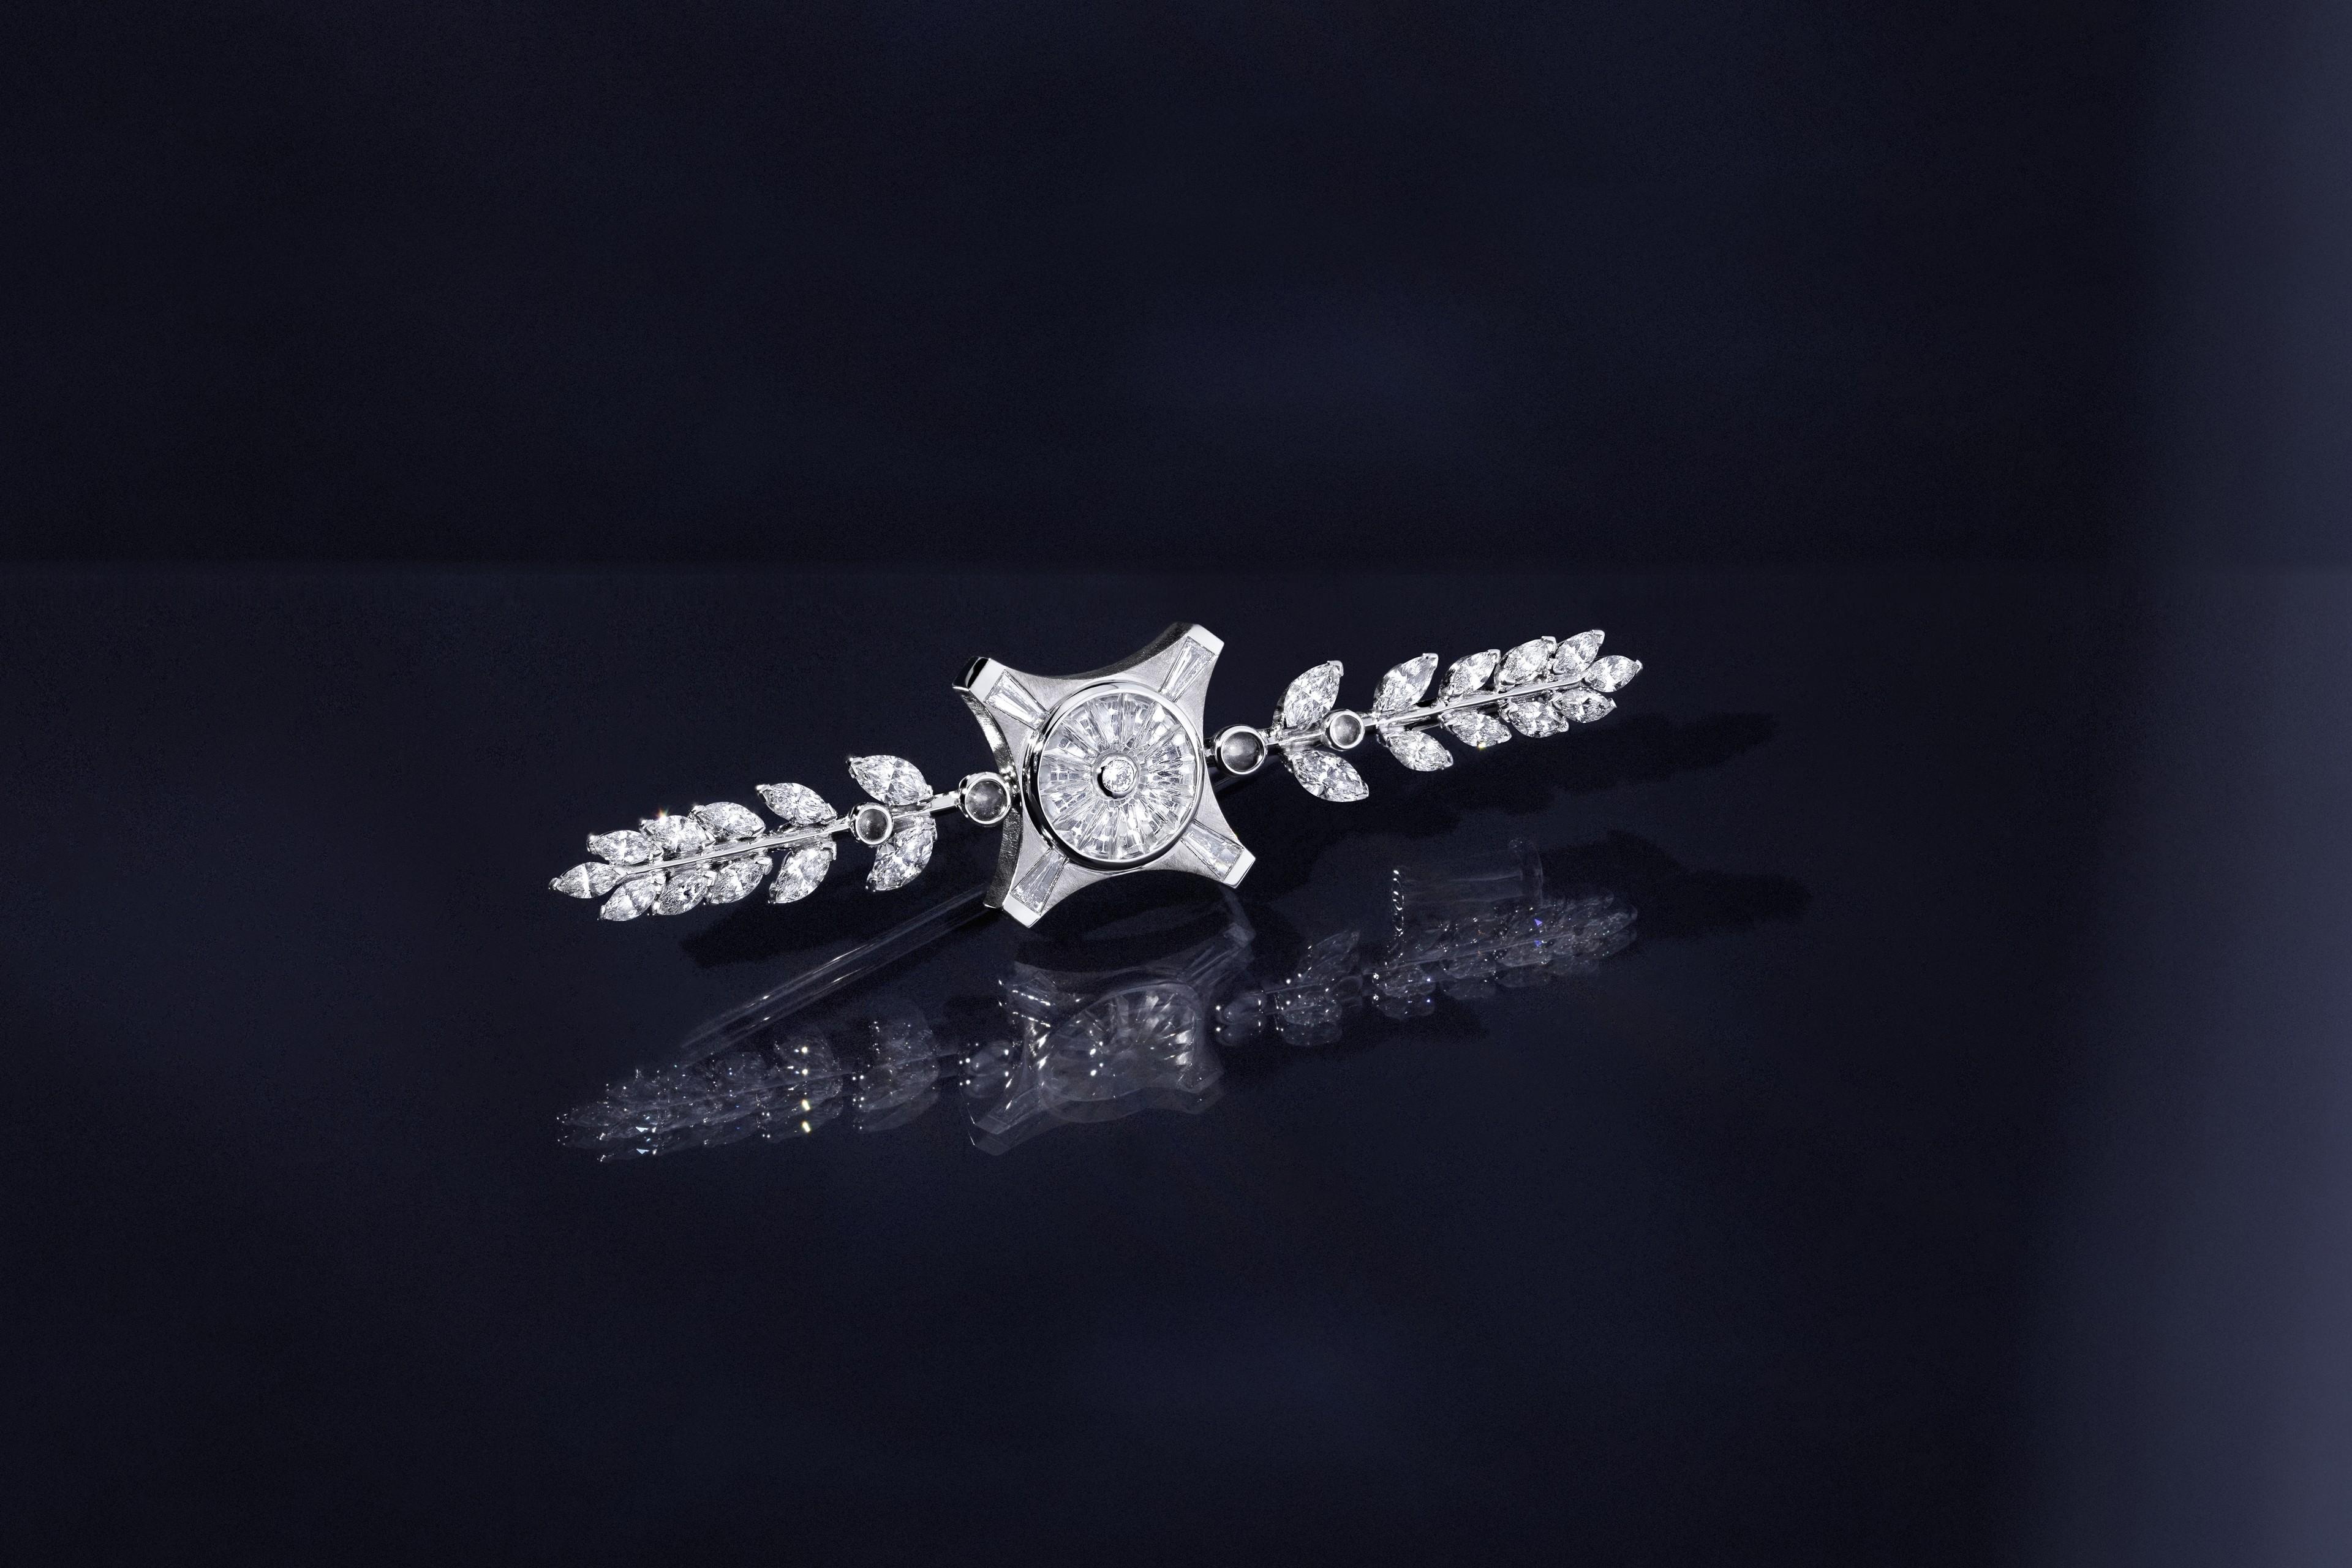 La Coupole - Broche - Or Blanc, Cristal de Roche et Diamants - Irène - Paris Le Grand Palais - Haute Joaillerie - Architecture - Scénographie